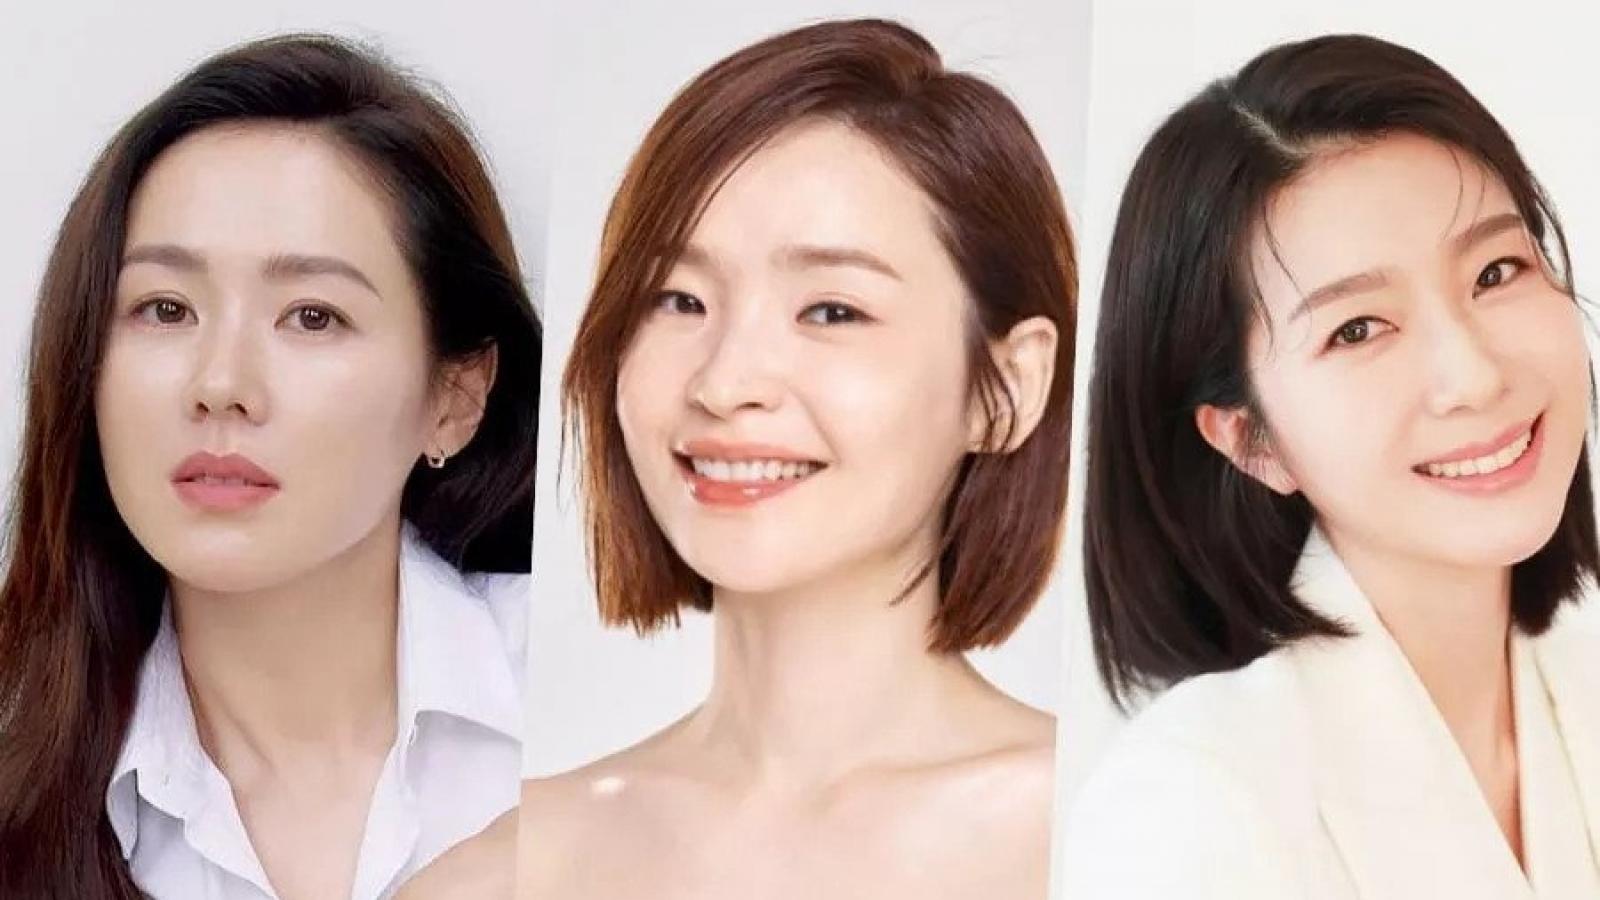 """Ngôi sao """"Hospital playlist"""" Jeon Mi Do xác nhận tham gia phim mới cùng Son Ye Jin"""